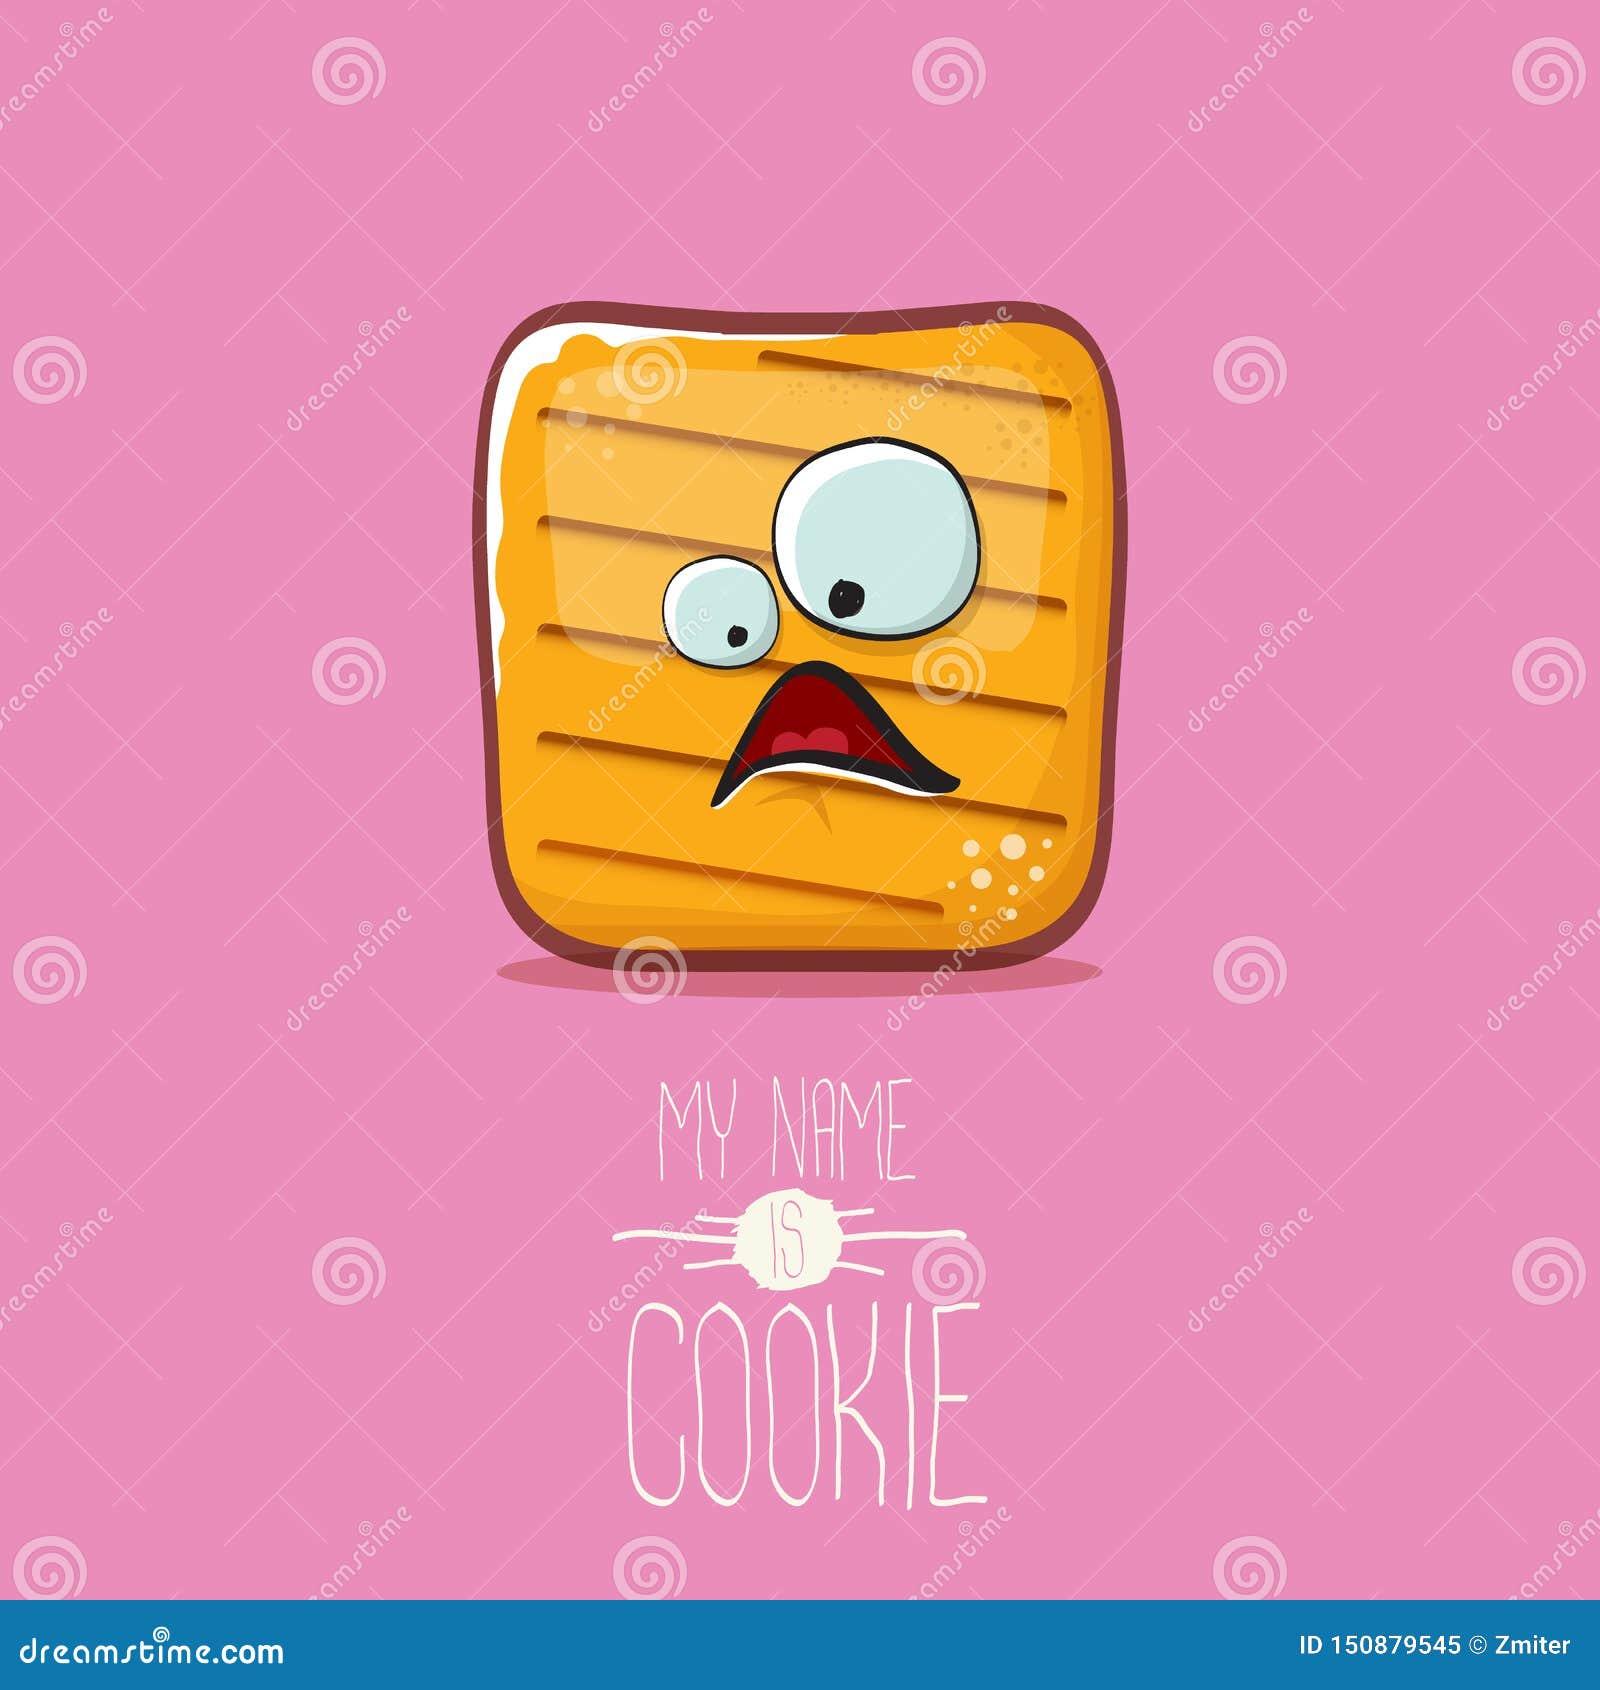 Διανυσματικός αστείος χαρακτήρας μπισκότων που απομονώνεται στο ρόδινο υπόβαθρο Το όνομά μου είναι απεικόνιση έννοιας μπισκότων φ